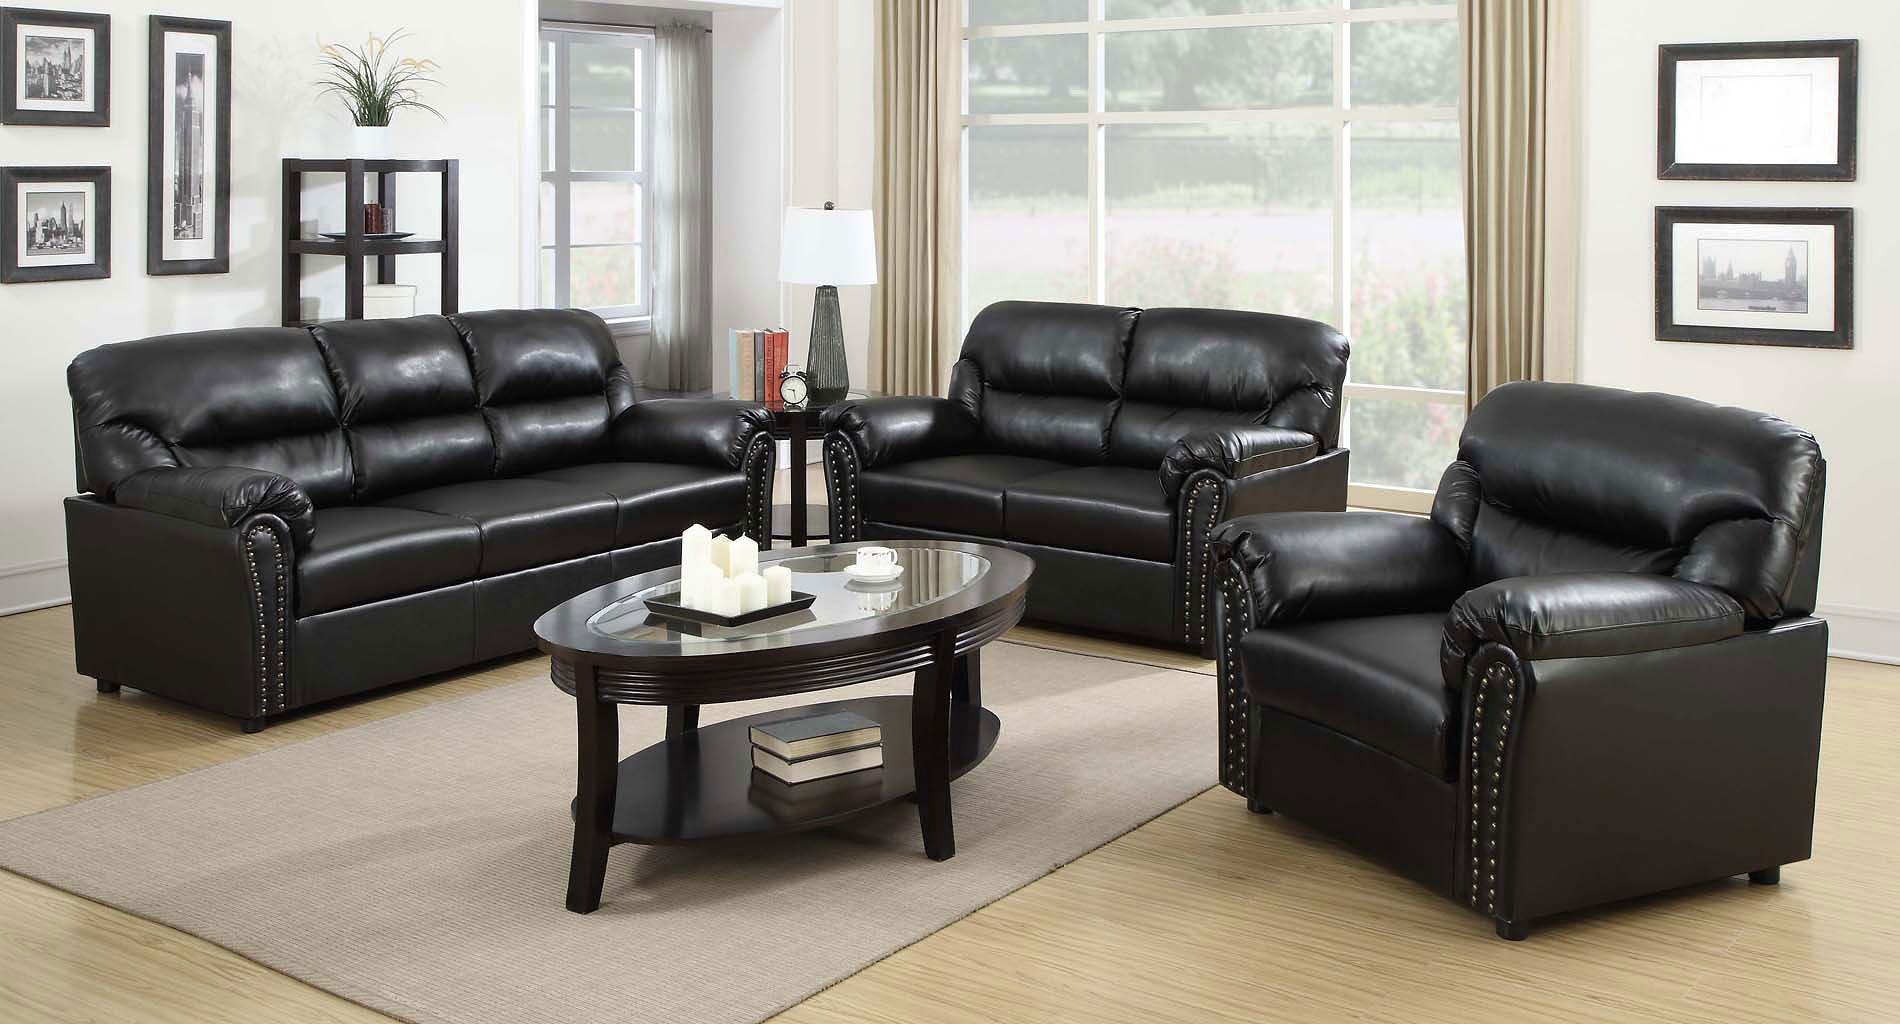 G263 living room set black living room furniture living